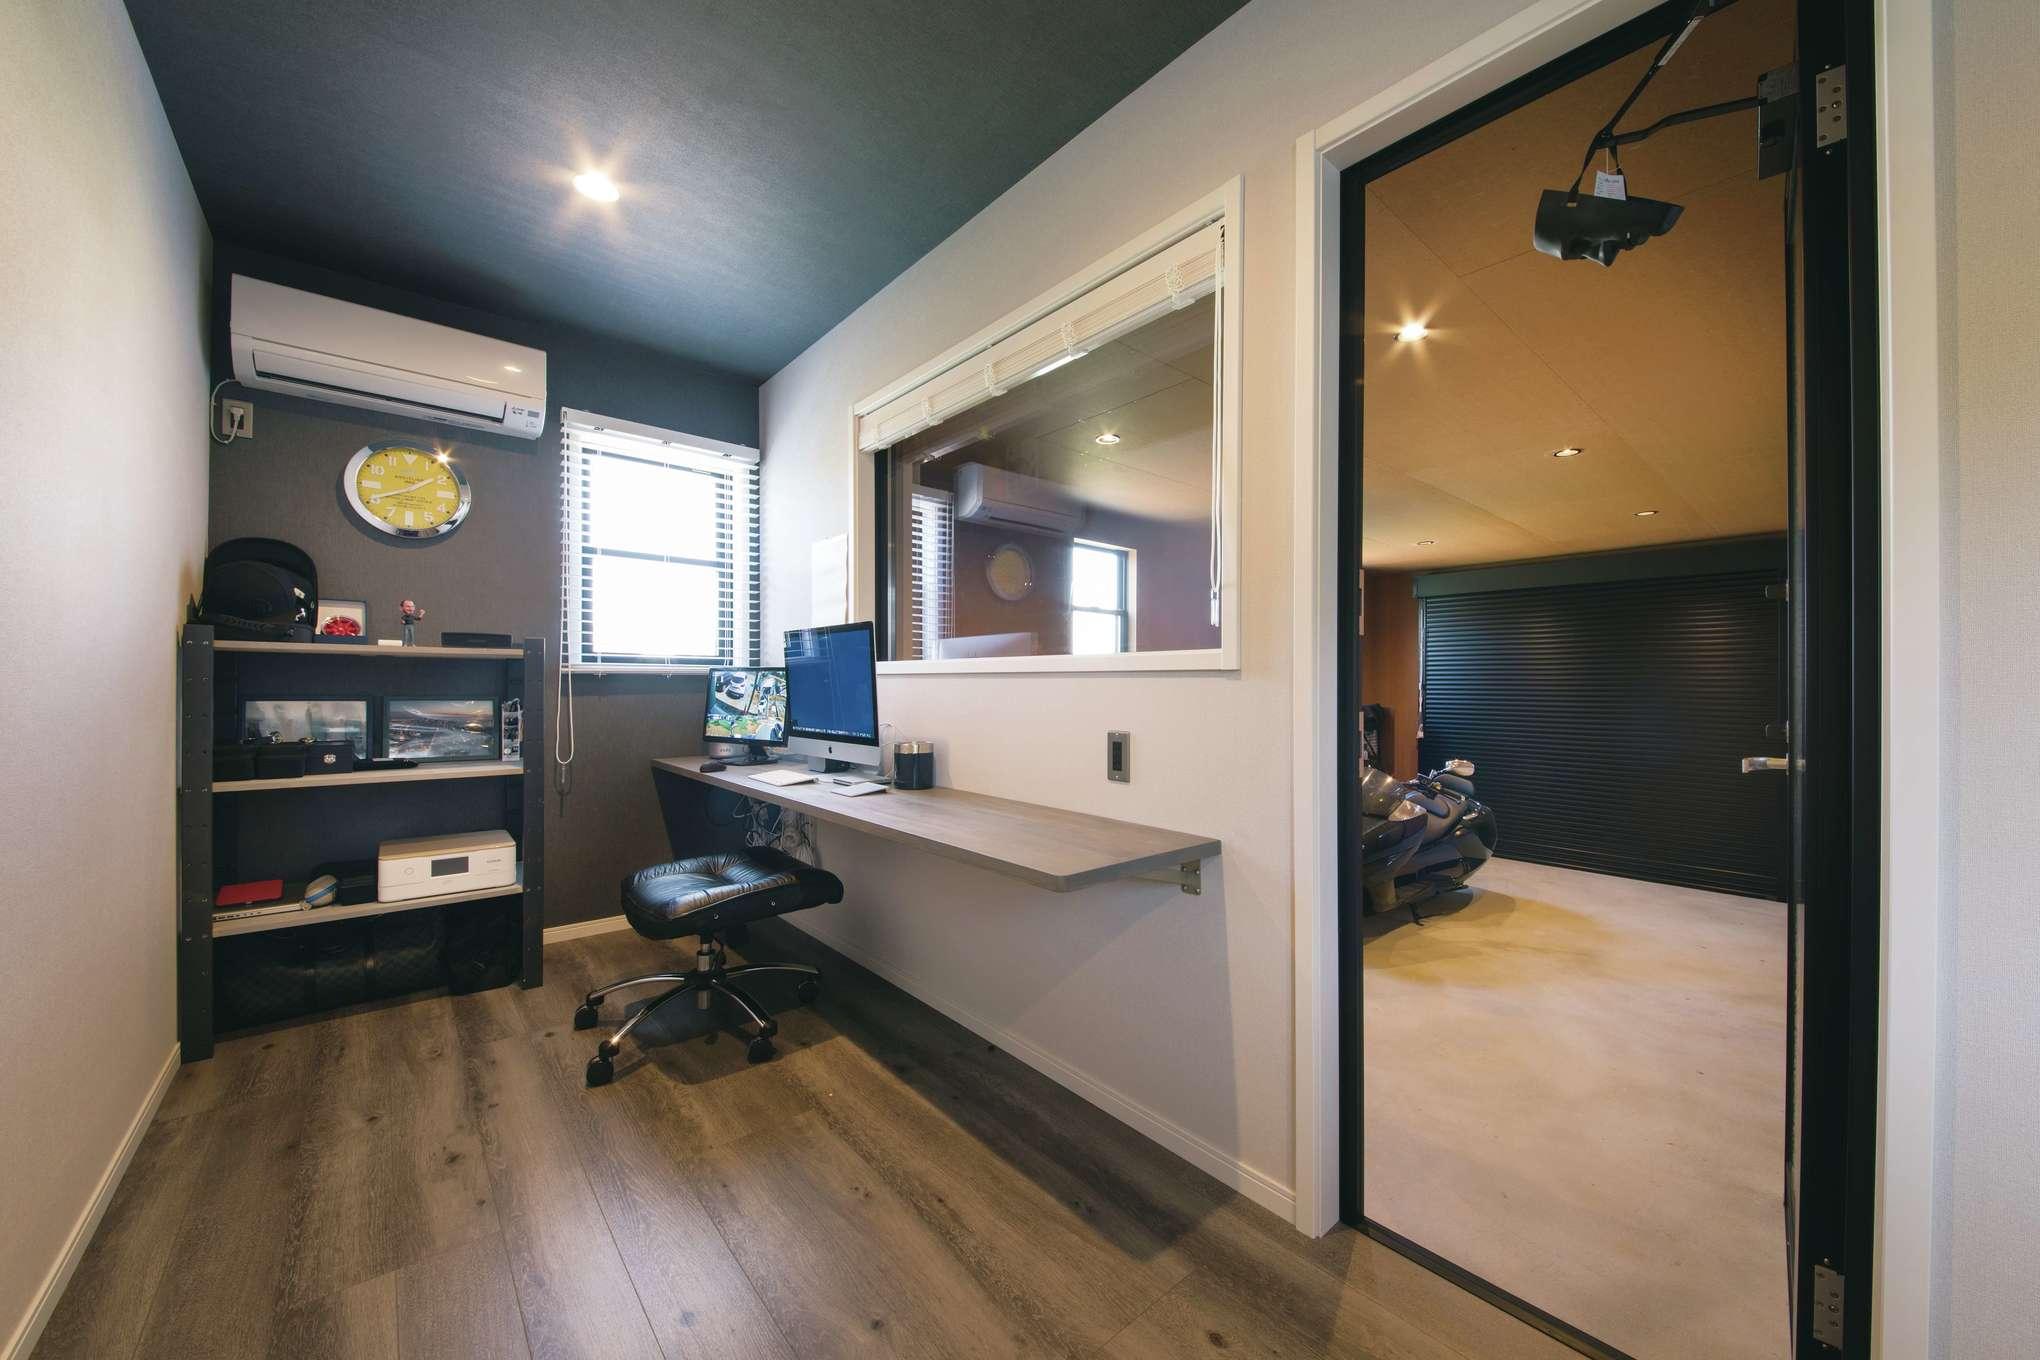 木場建築設計 KIBA-AD【デザイン住宅、屋上バルコニー、趣味】ご主人の書斎。FIX窓からガレージ内が見える